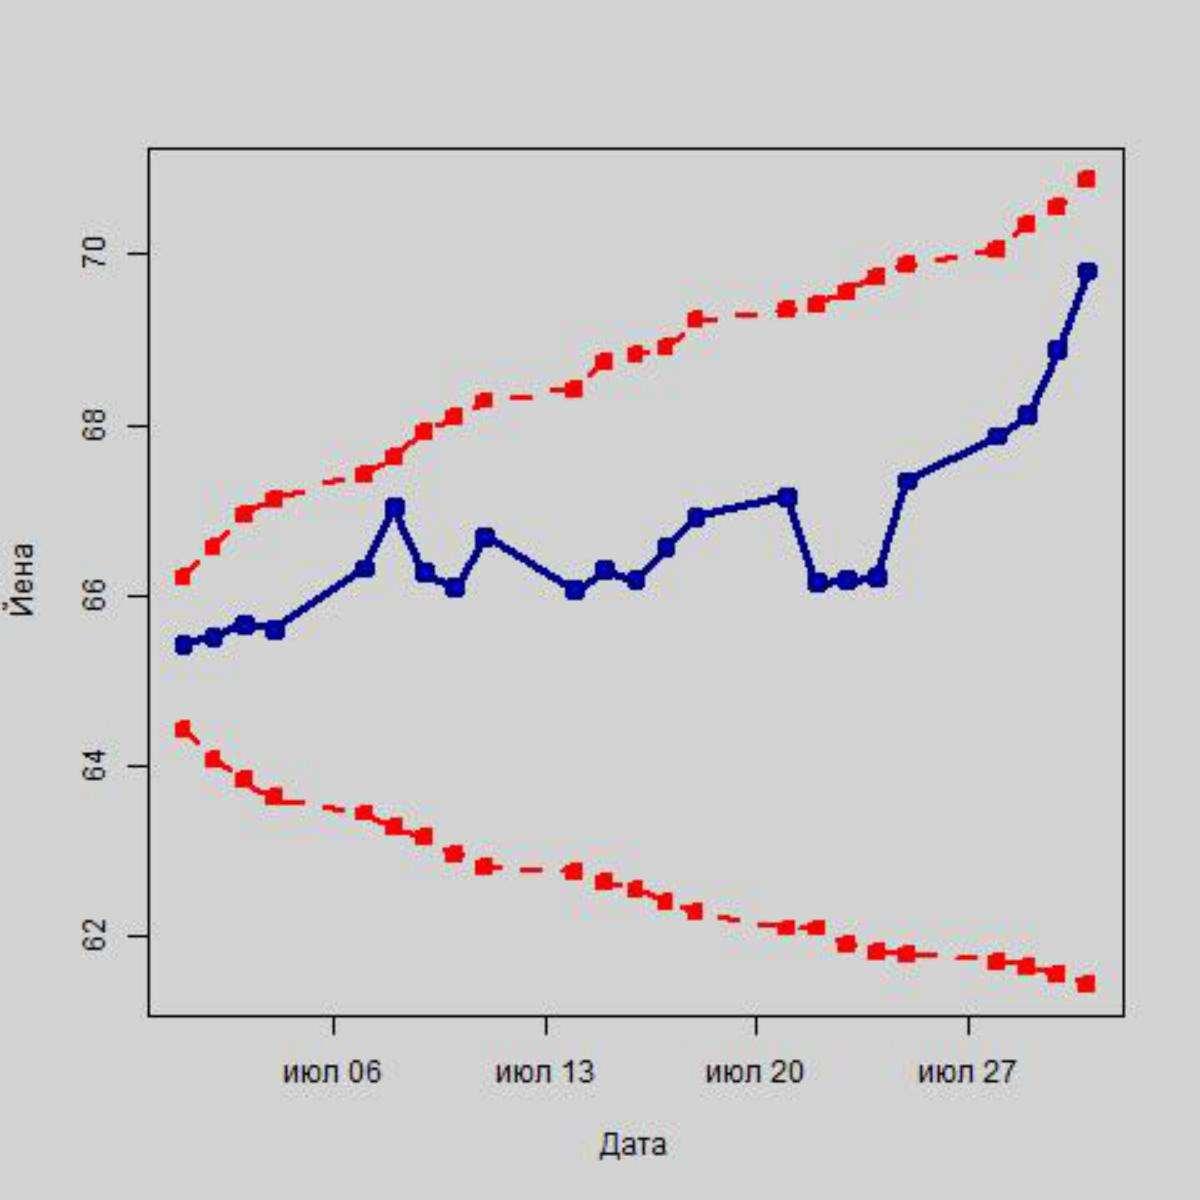 Ожидается ли новый дефолт в августе?